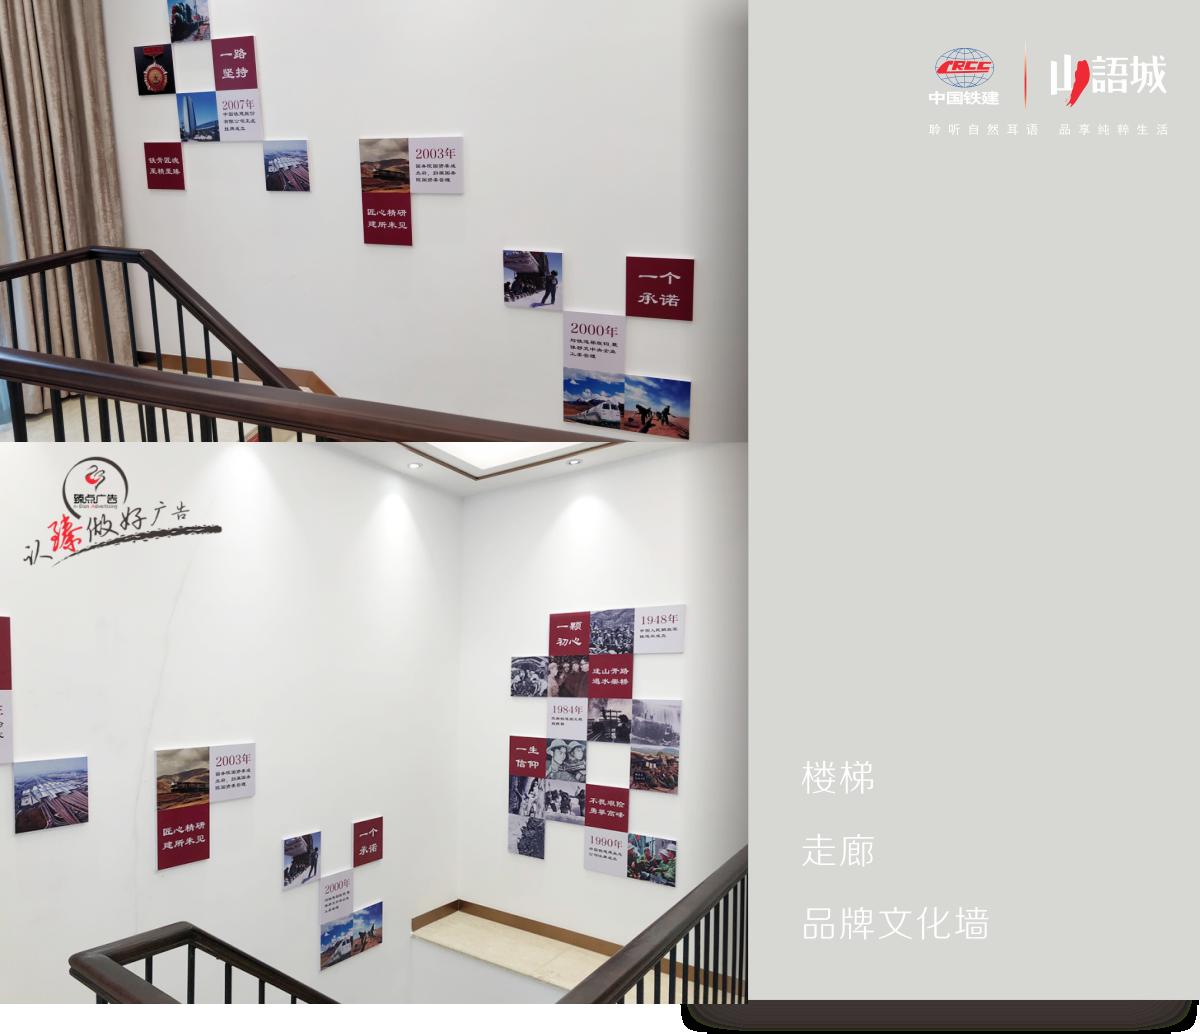 秋葵app官方二维码下载中铁建安吉山语城品牌文化墙设计制作_03.png